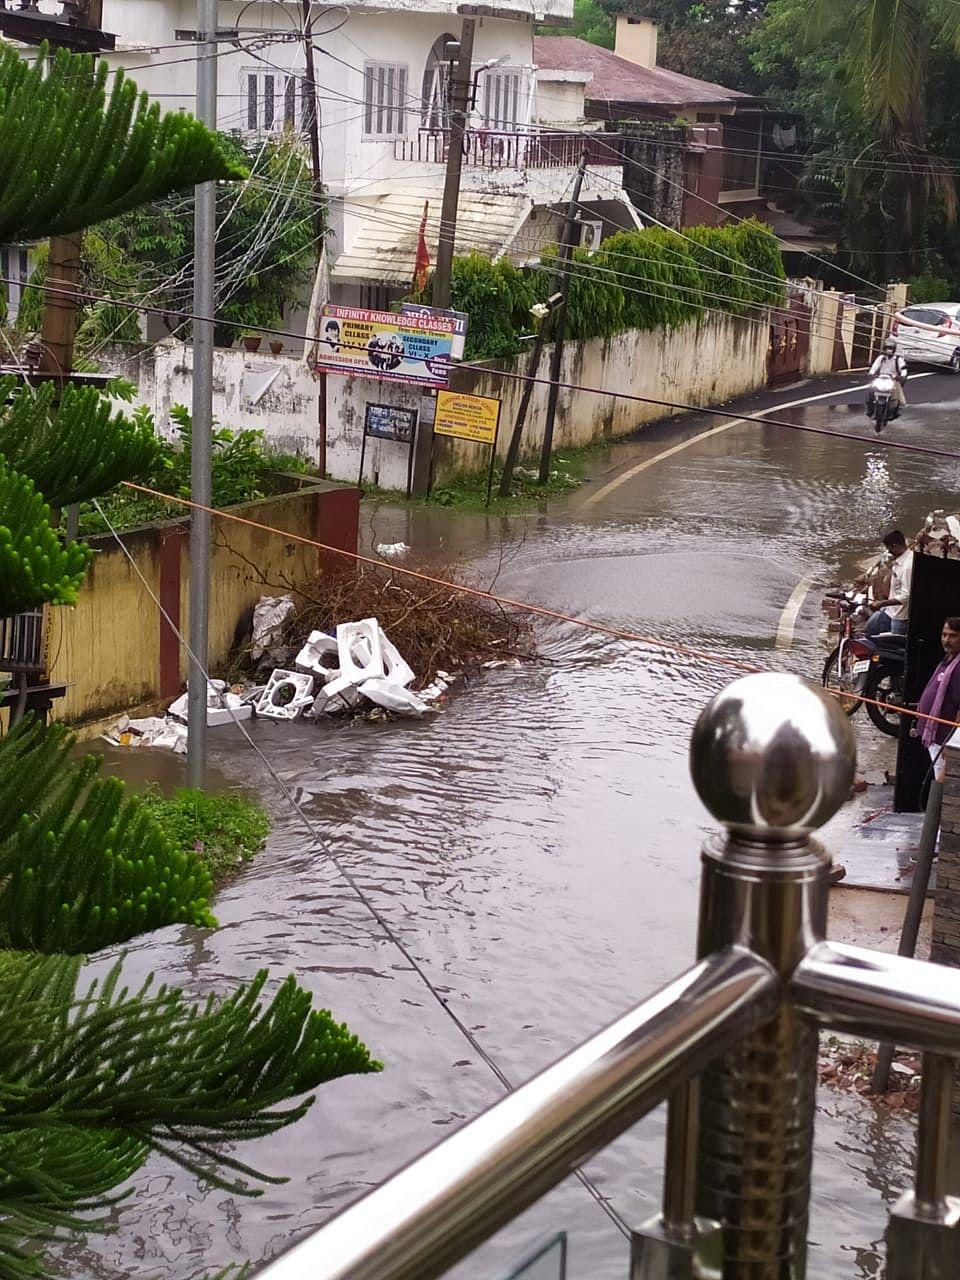 गली में पानी की निकासी की व्यवस्था नहीं होने की वजह से लोग हो गये हैं परेशान.